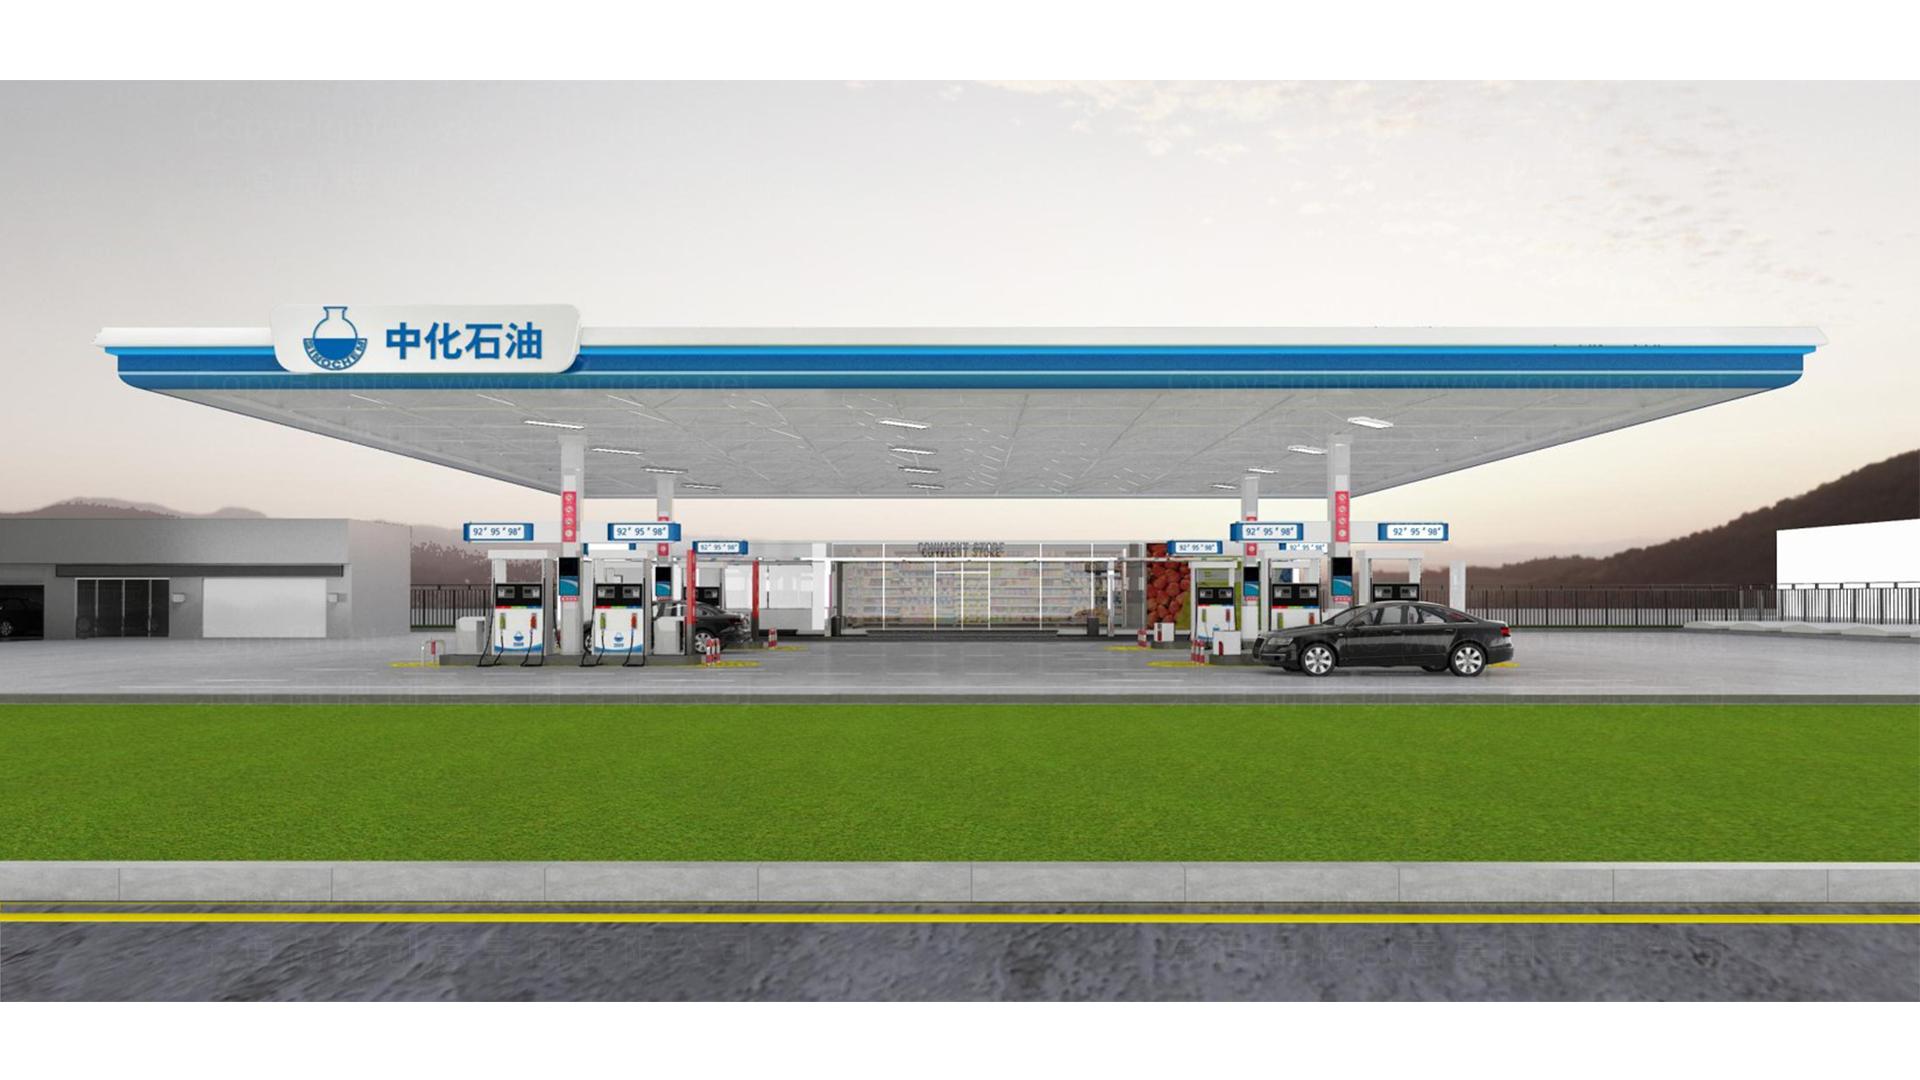 商业空间&导示案例中化石油加油站VI应用设计